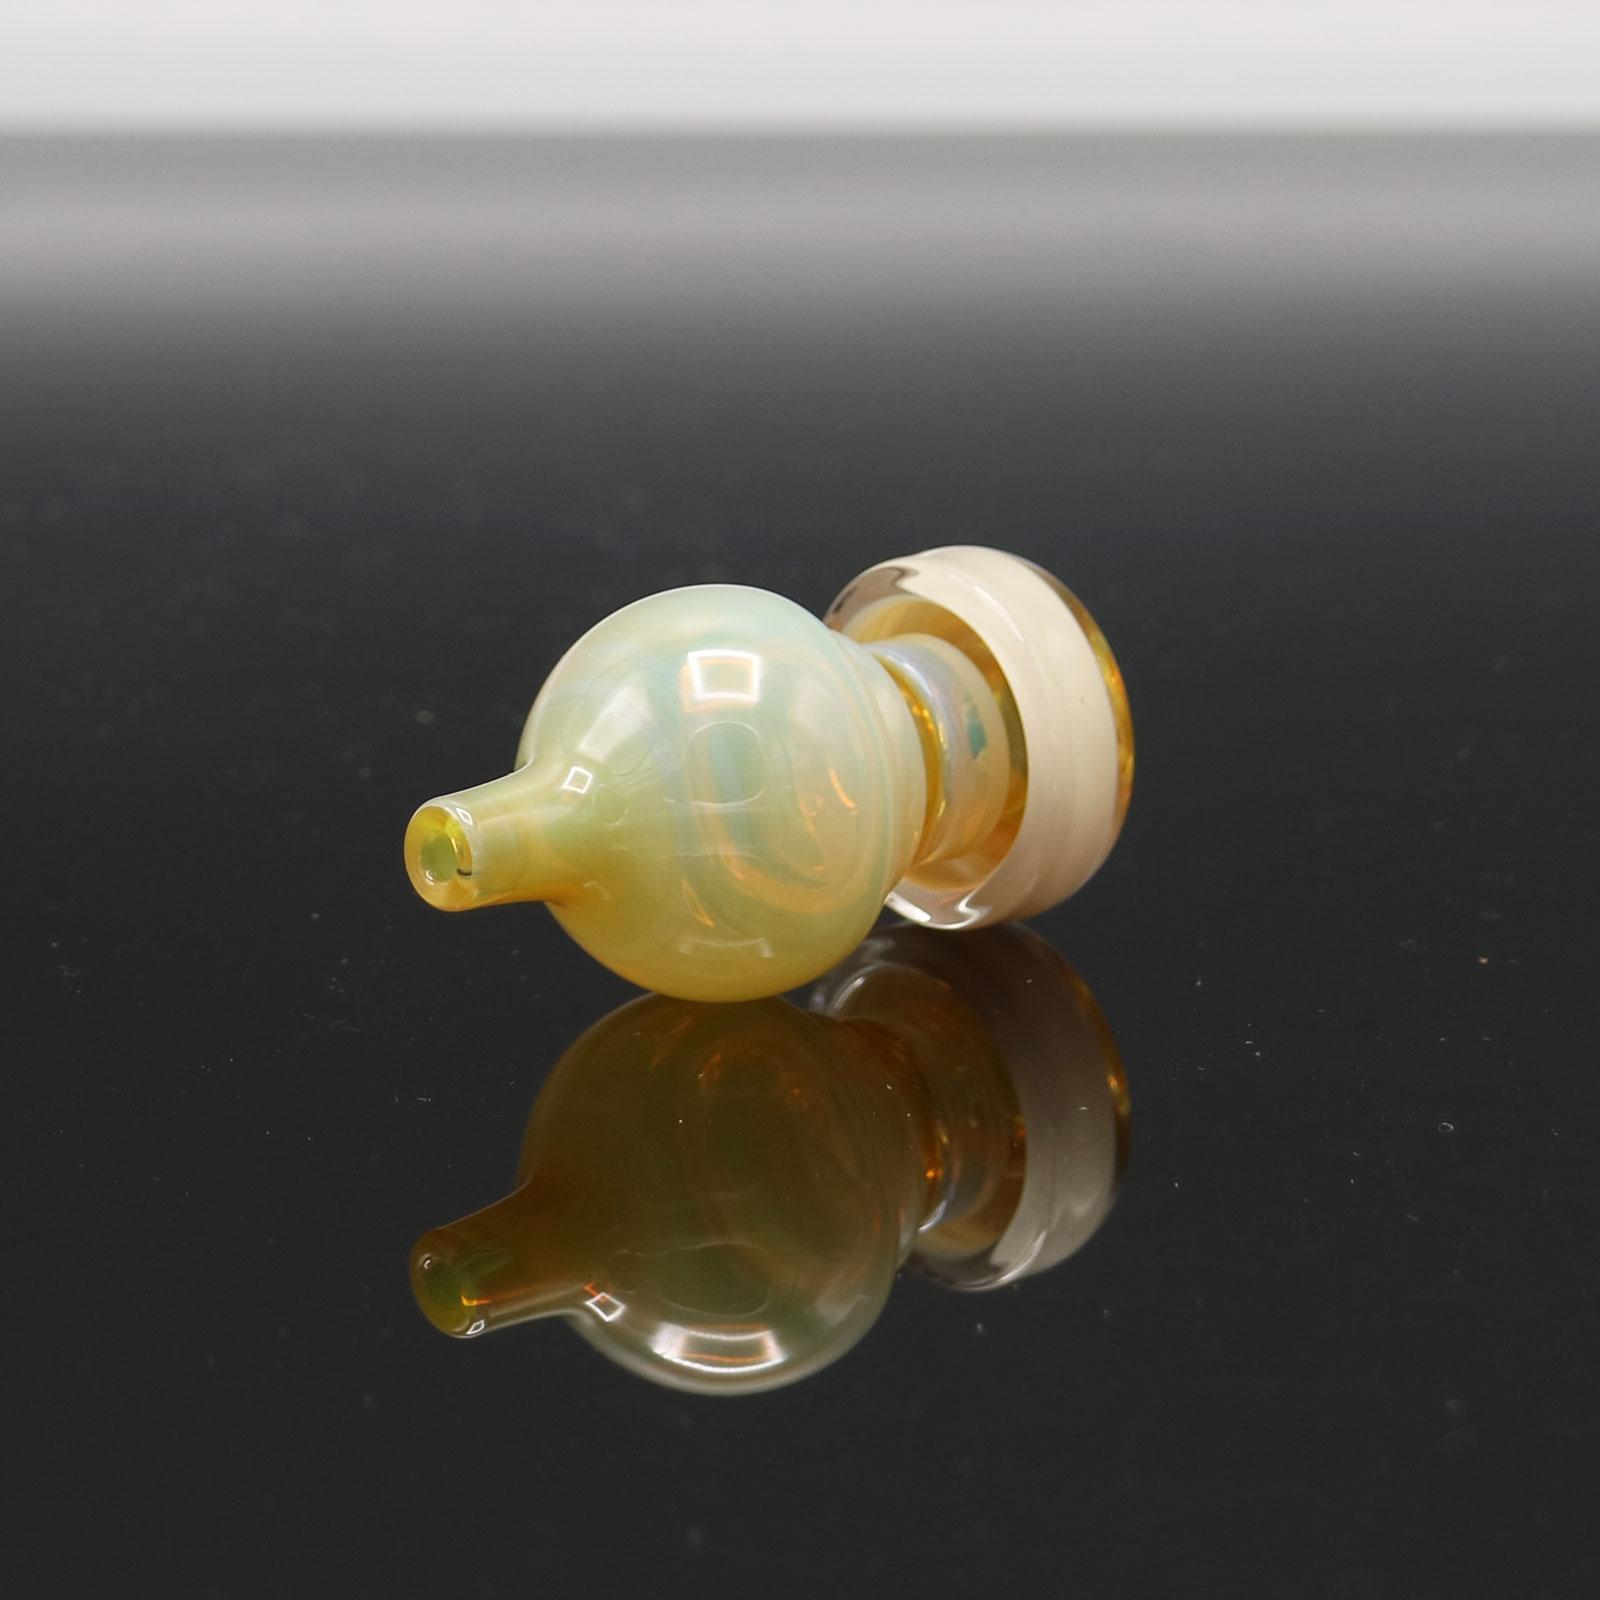 Mike Philpot – Small Fumed Bubblecap